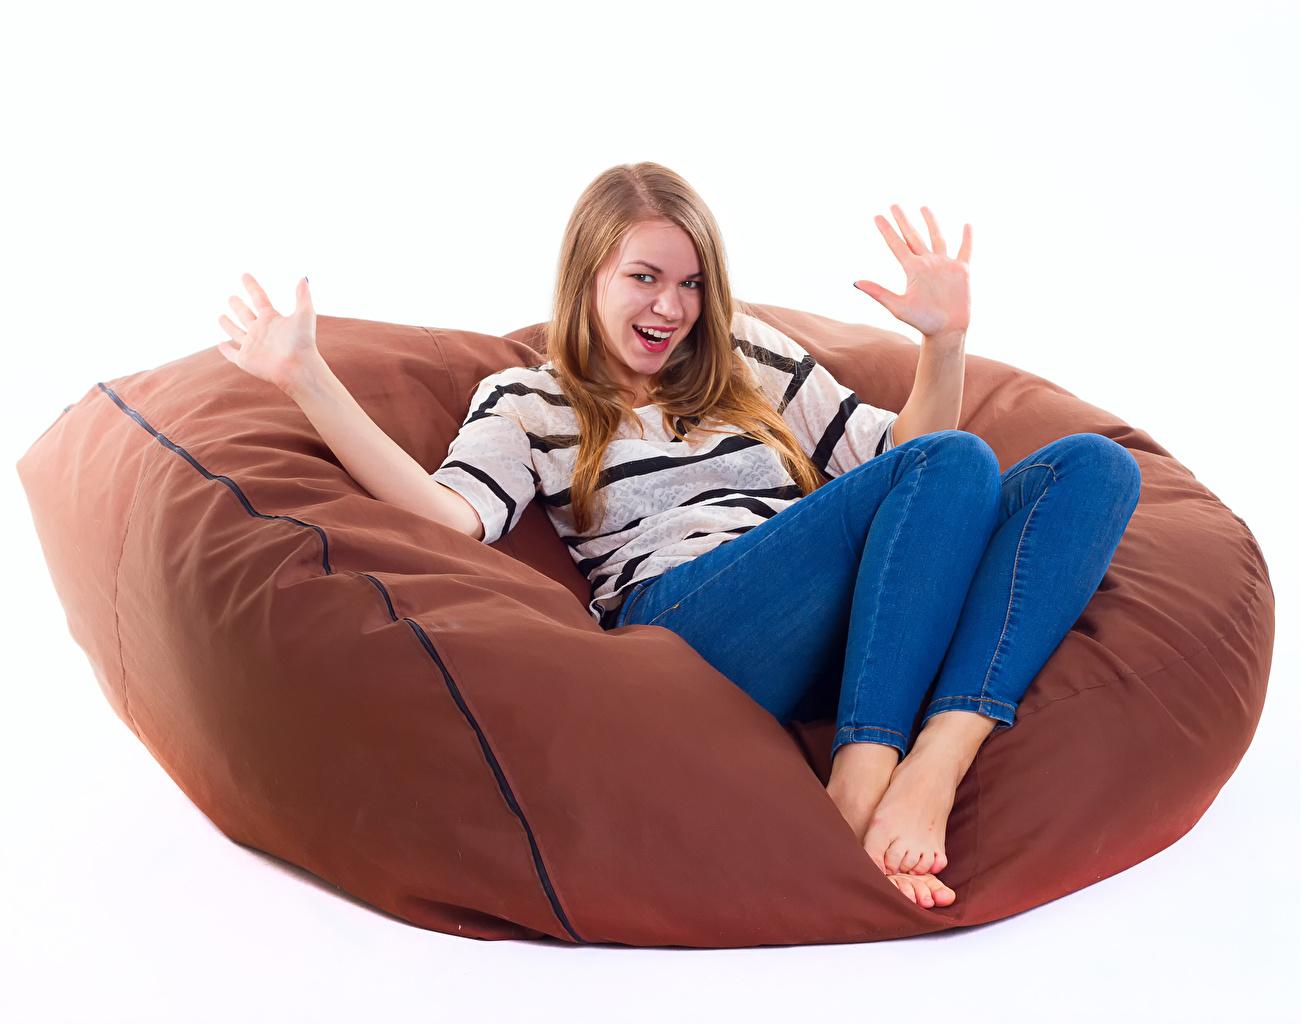 Fotos von Blondine fröhliches Mädchens Hand sitzen Sessel Weißer hintergrund Blond Mädchen Freude Glücklich glückliche fröhlicher glücklicher glückliches sitzt Sitzend